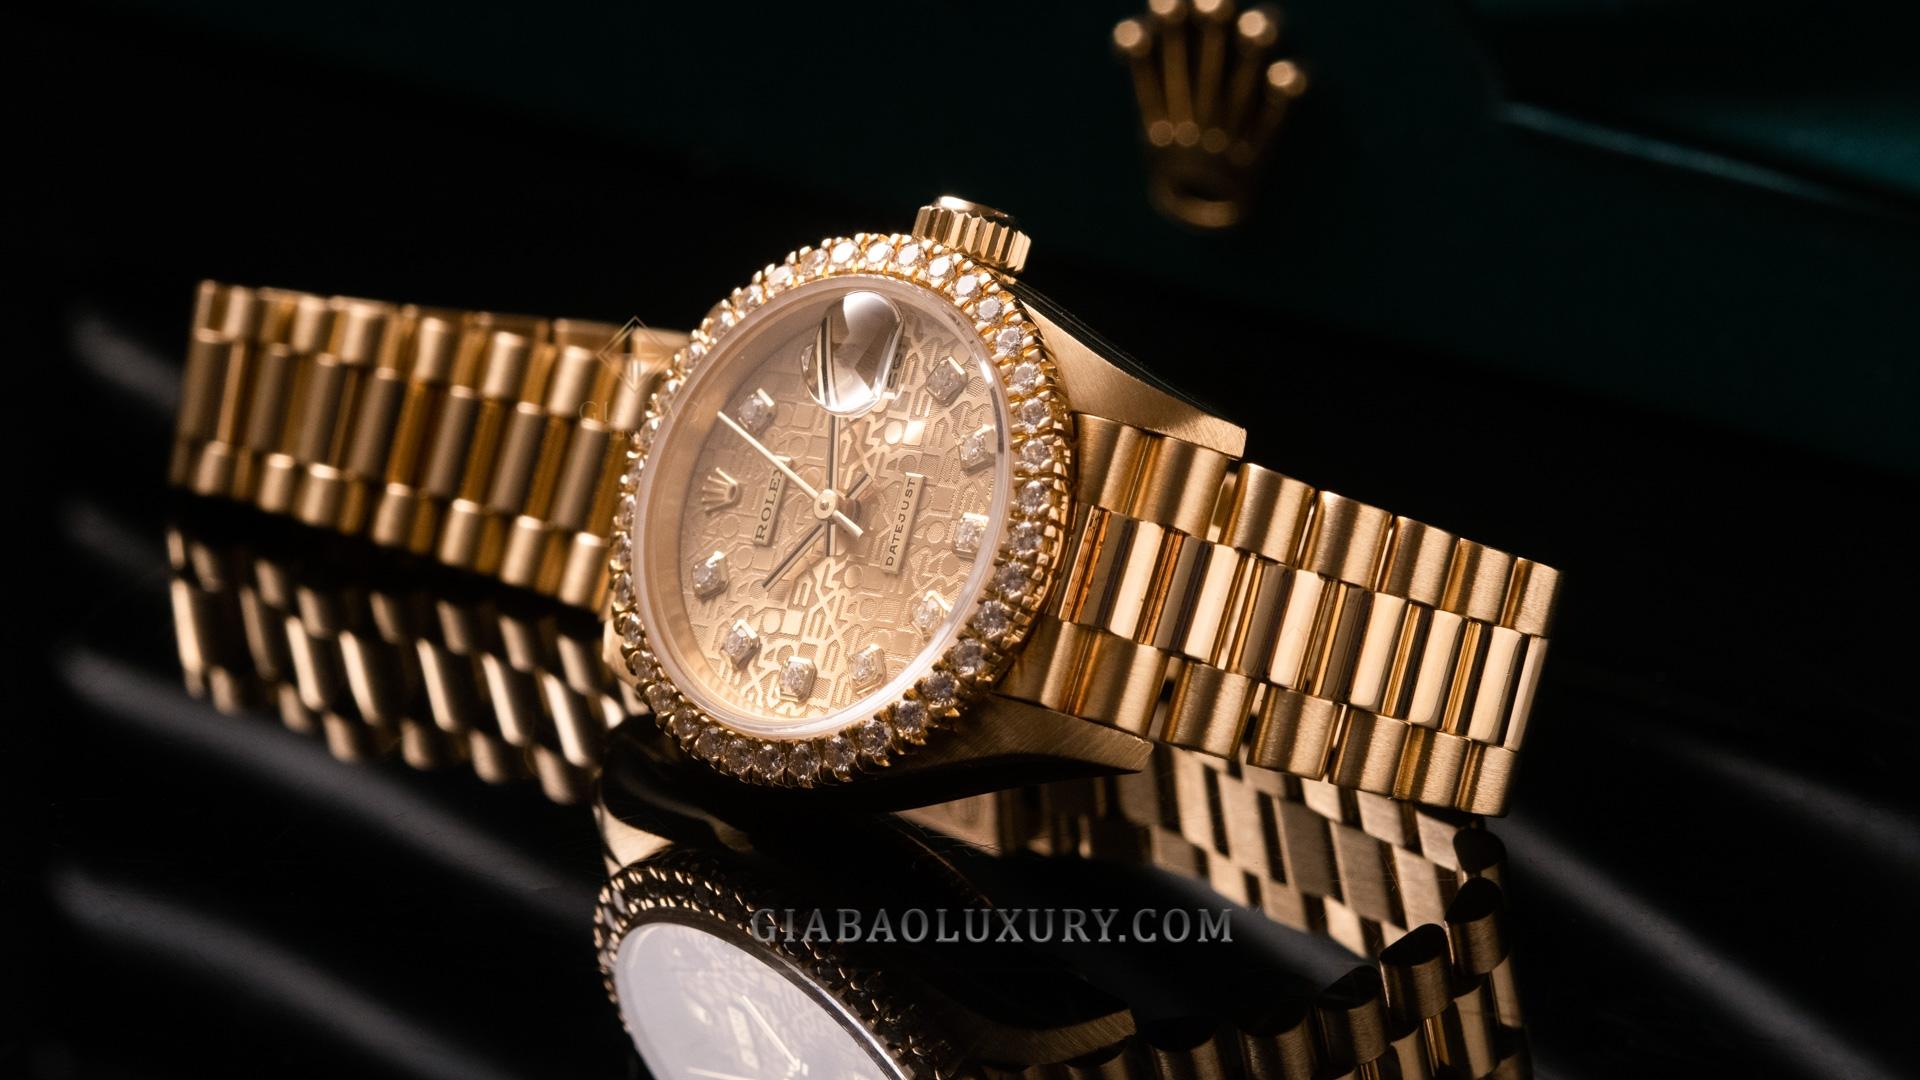 Đồng hồ Rolex Oyster Perpetual Datejust 69178 Mặt số vi tính vàng Champagne